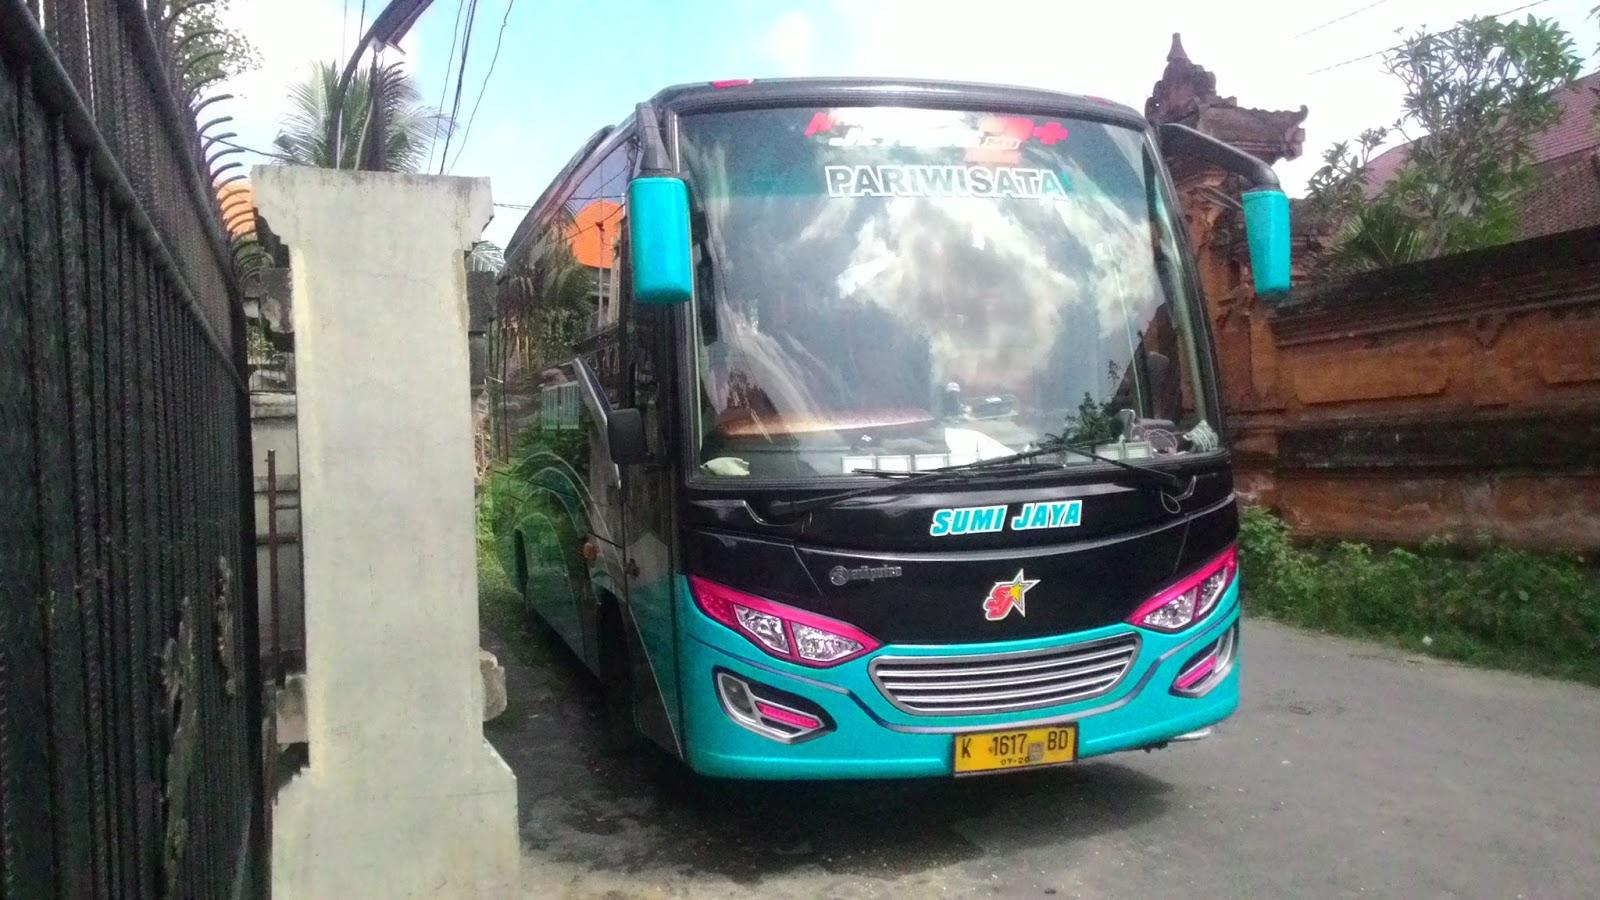 Harga Sewa Bus Pariwisata Mini/Kecil/Medium/Besar Surabaya 9